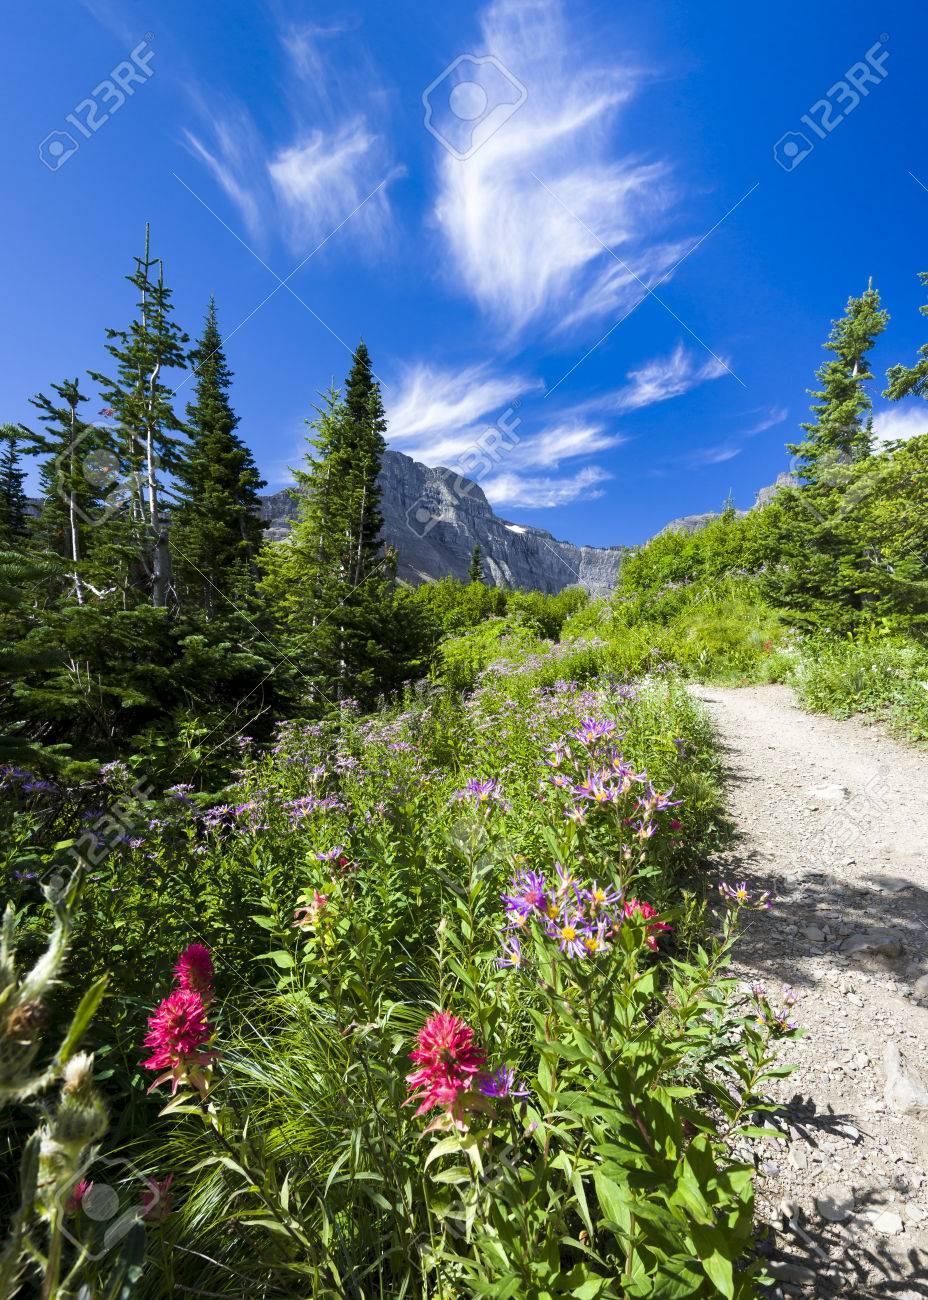 Park Art My WordPress Blog_22+ Glacier National Park Picture Frames  Images